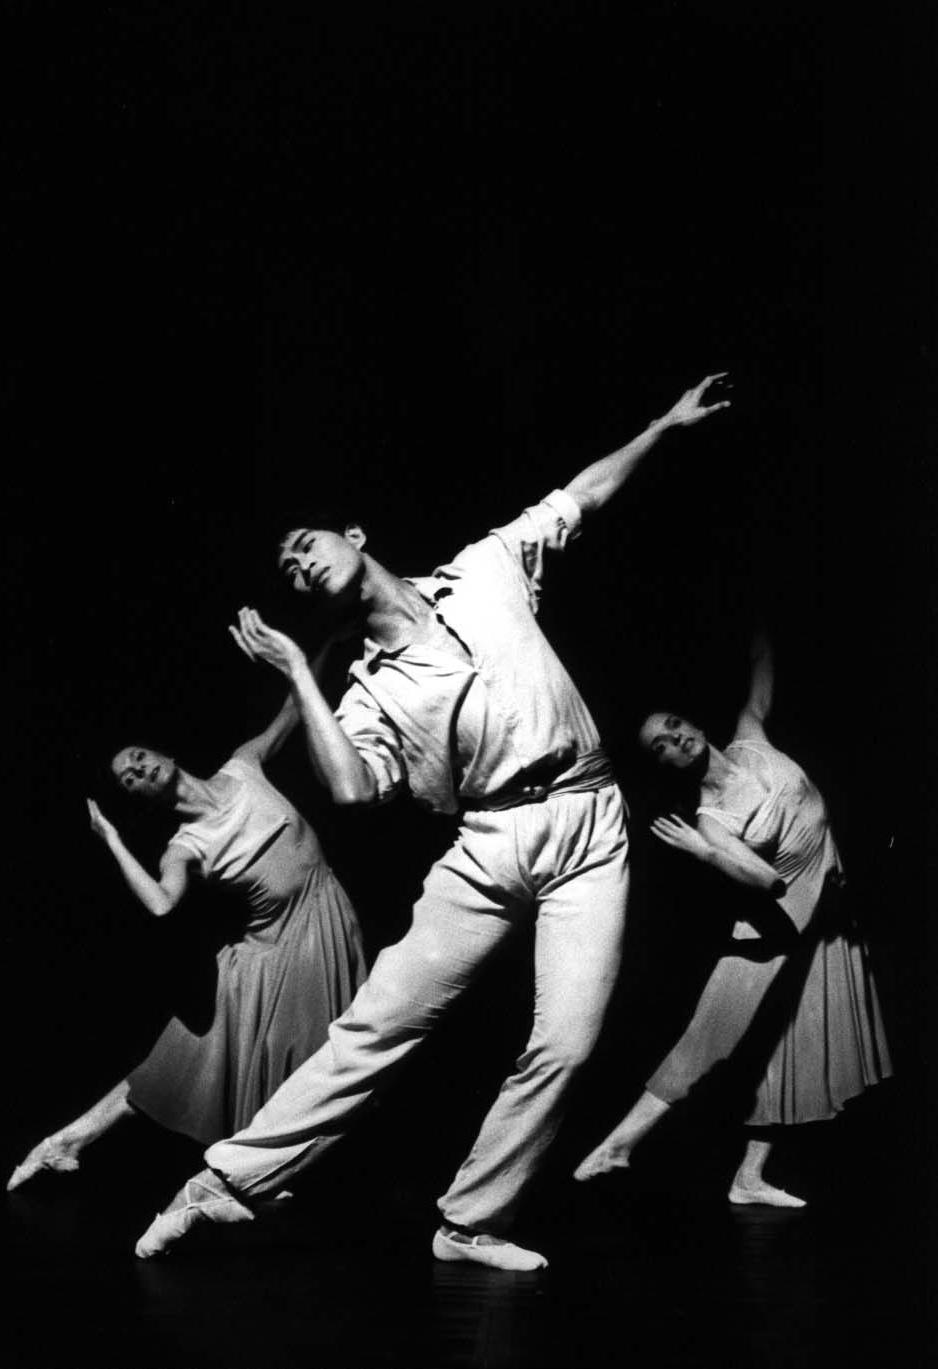 Trio (1986)